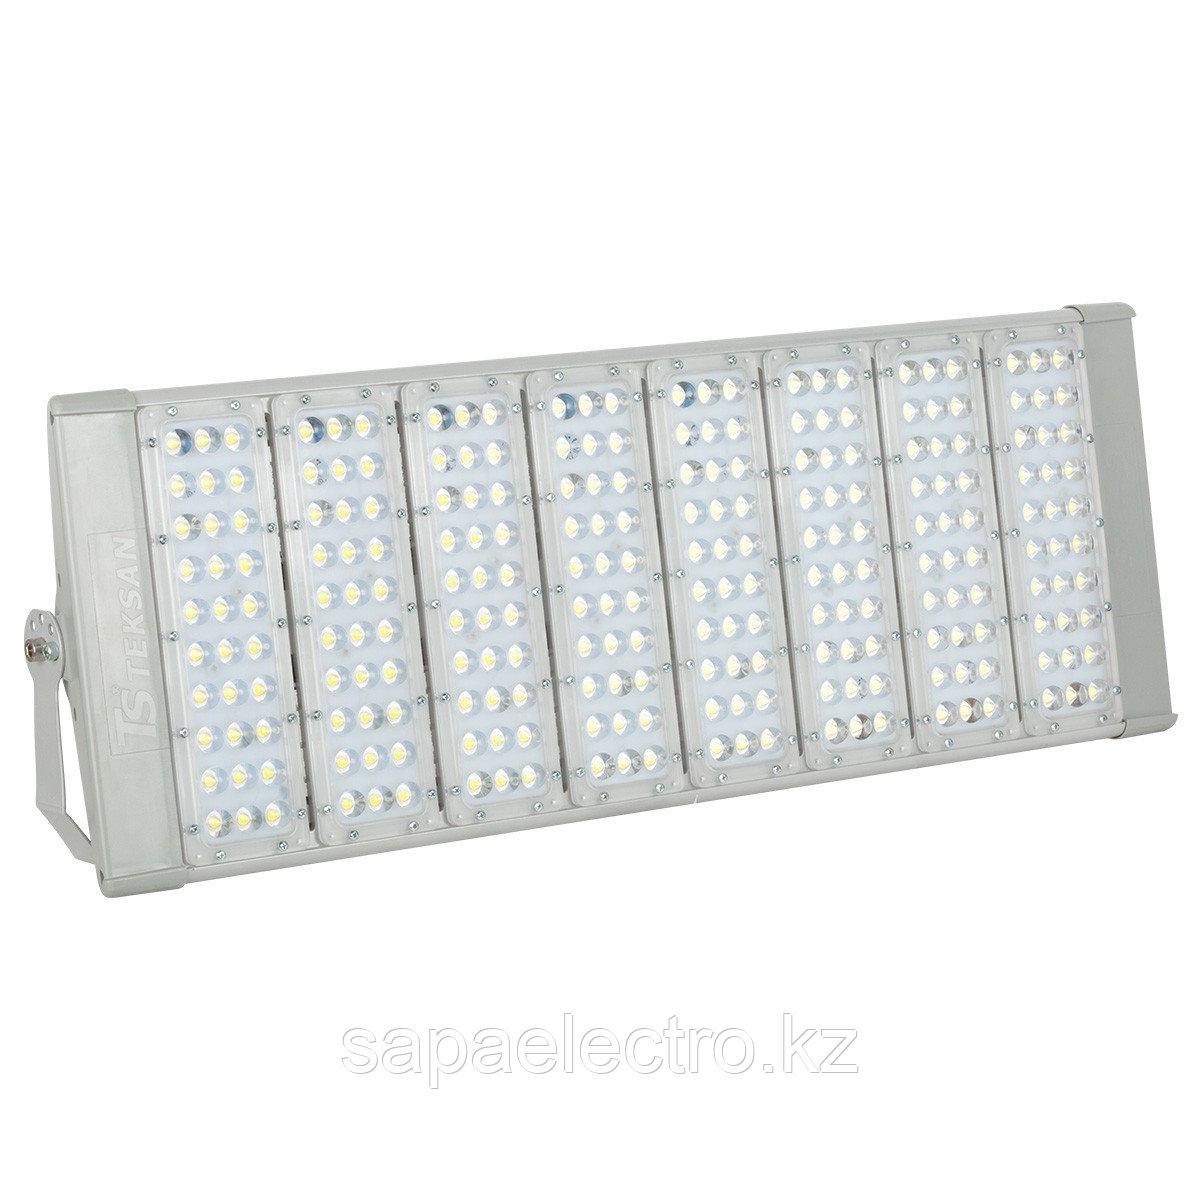 Прожектор LED SMART 8*30 (3 года гарантия) 6000K IP